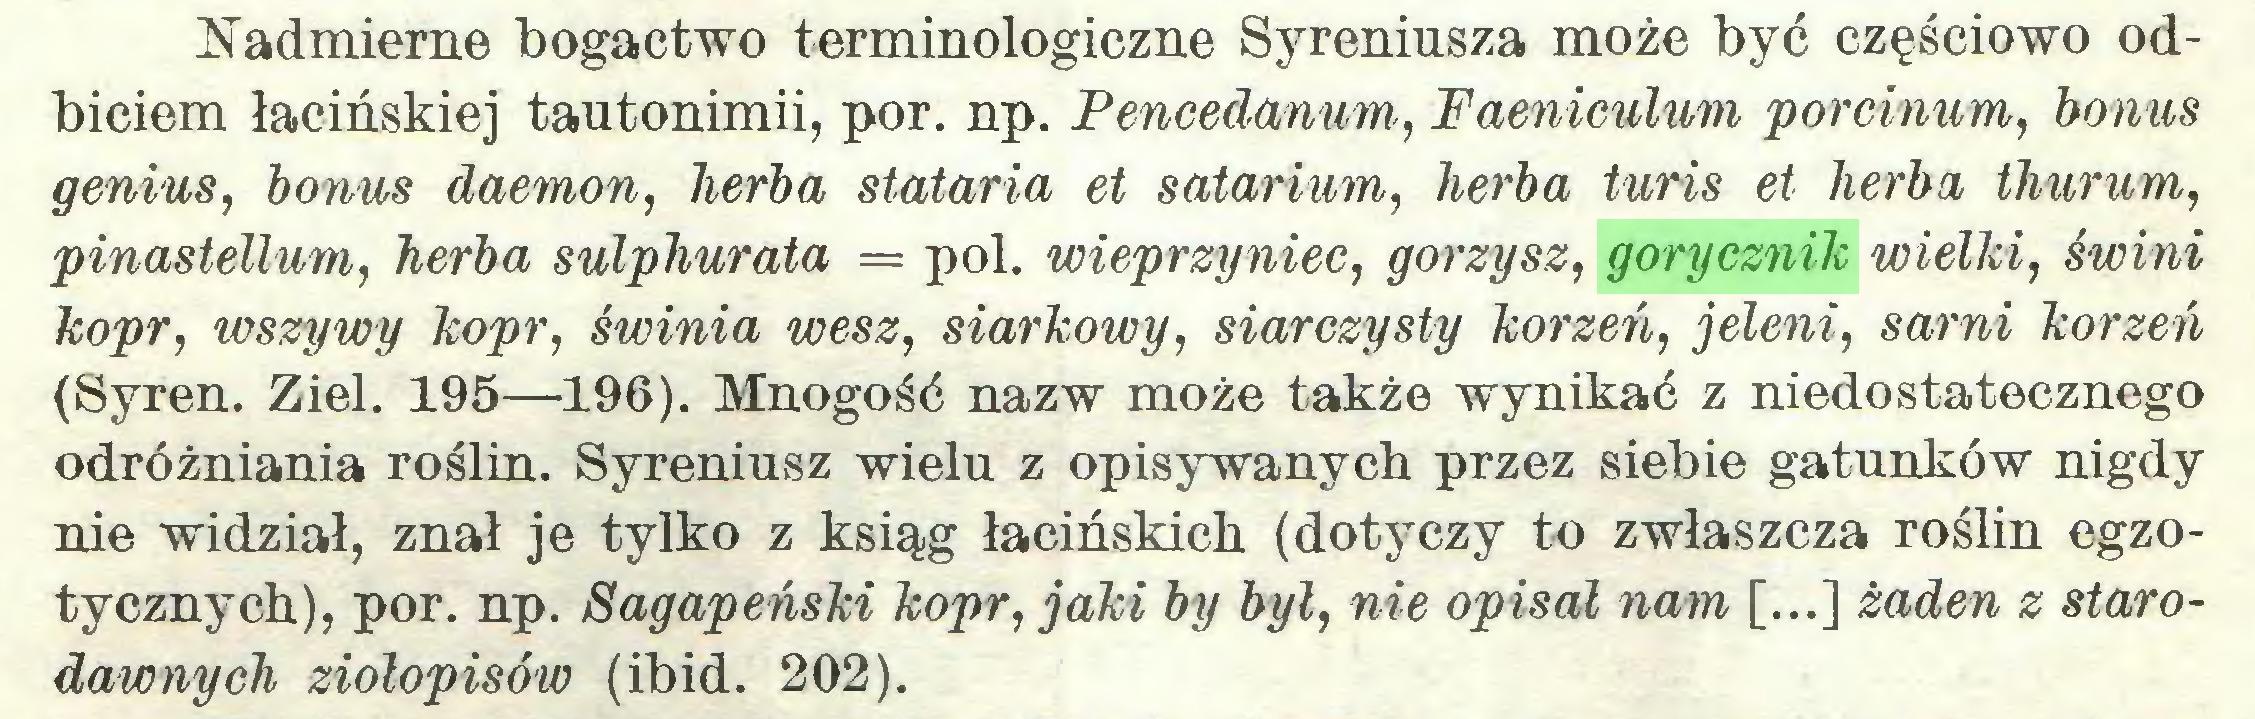 (...) Nadmierne bogactwo terminologiczne Syreniusza może być częściowo odbiciem łacińskiej tautonimii, por. np. Pencedanum, Faeniculum porcinum, bonus genius, bonus daemon, herba stataria et solarium, herba turis et herba thurum, pinastellum, herba sulphurata = poi. wieprzyniec, gorzysz, gorycznik wielki, świni kopr, wszy wy kopr, Świnia wesz, siarkowy, siarczysty korzeń, jeleni, sarni korzeń (Syren. Ziel. 195—196). Mnogość nazw może także wynikać z niedostatecznego odróżniania roślin. Syreniusz wielu z opisywanych przez siebie gatunków nigdy nie widział, znał je tylko z ksiąg łacińskich (dotyczy to zwłaszcza roślin egzotycznych), por. np. Sagapeński kopr, jaki by był, nie opisał nam [...] żaden z starodawnych ziołopisów (ibid. 202)...